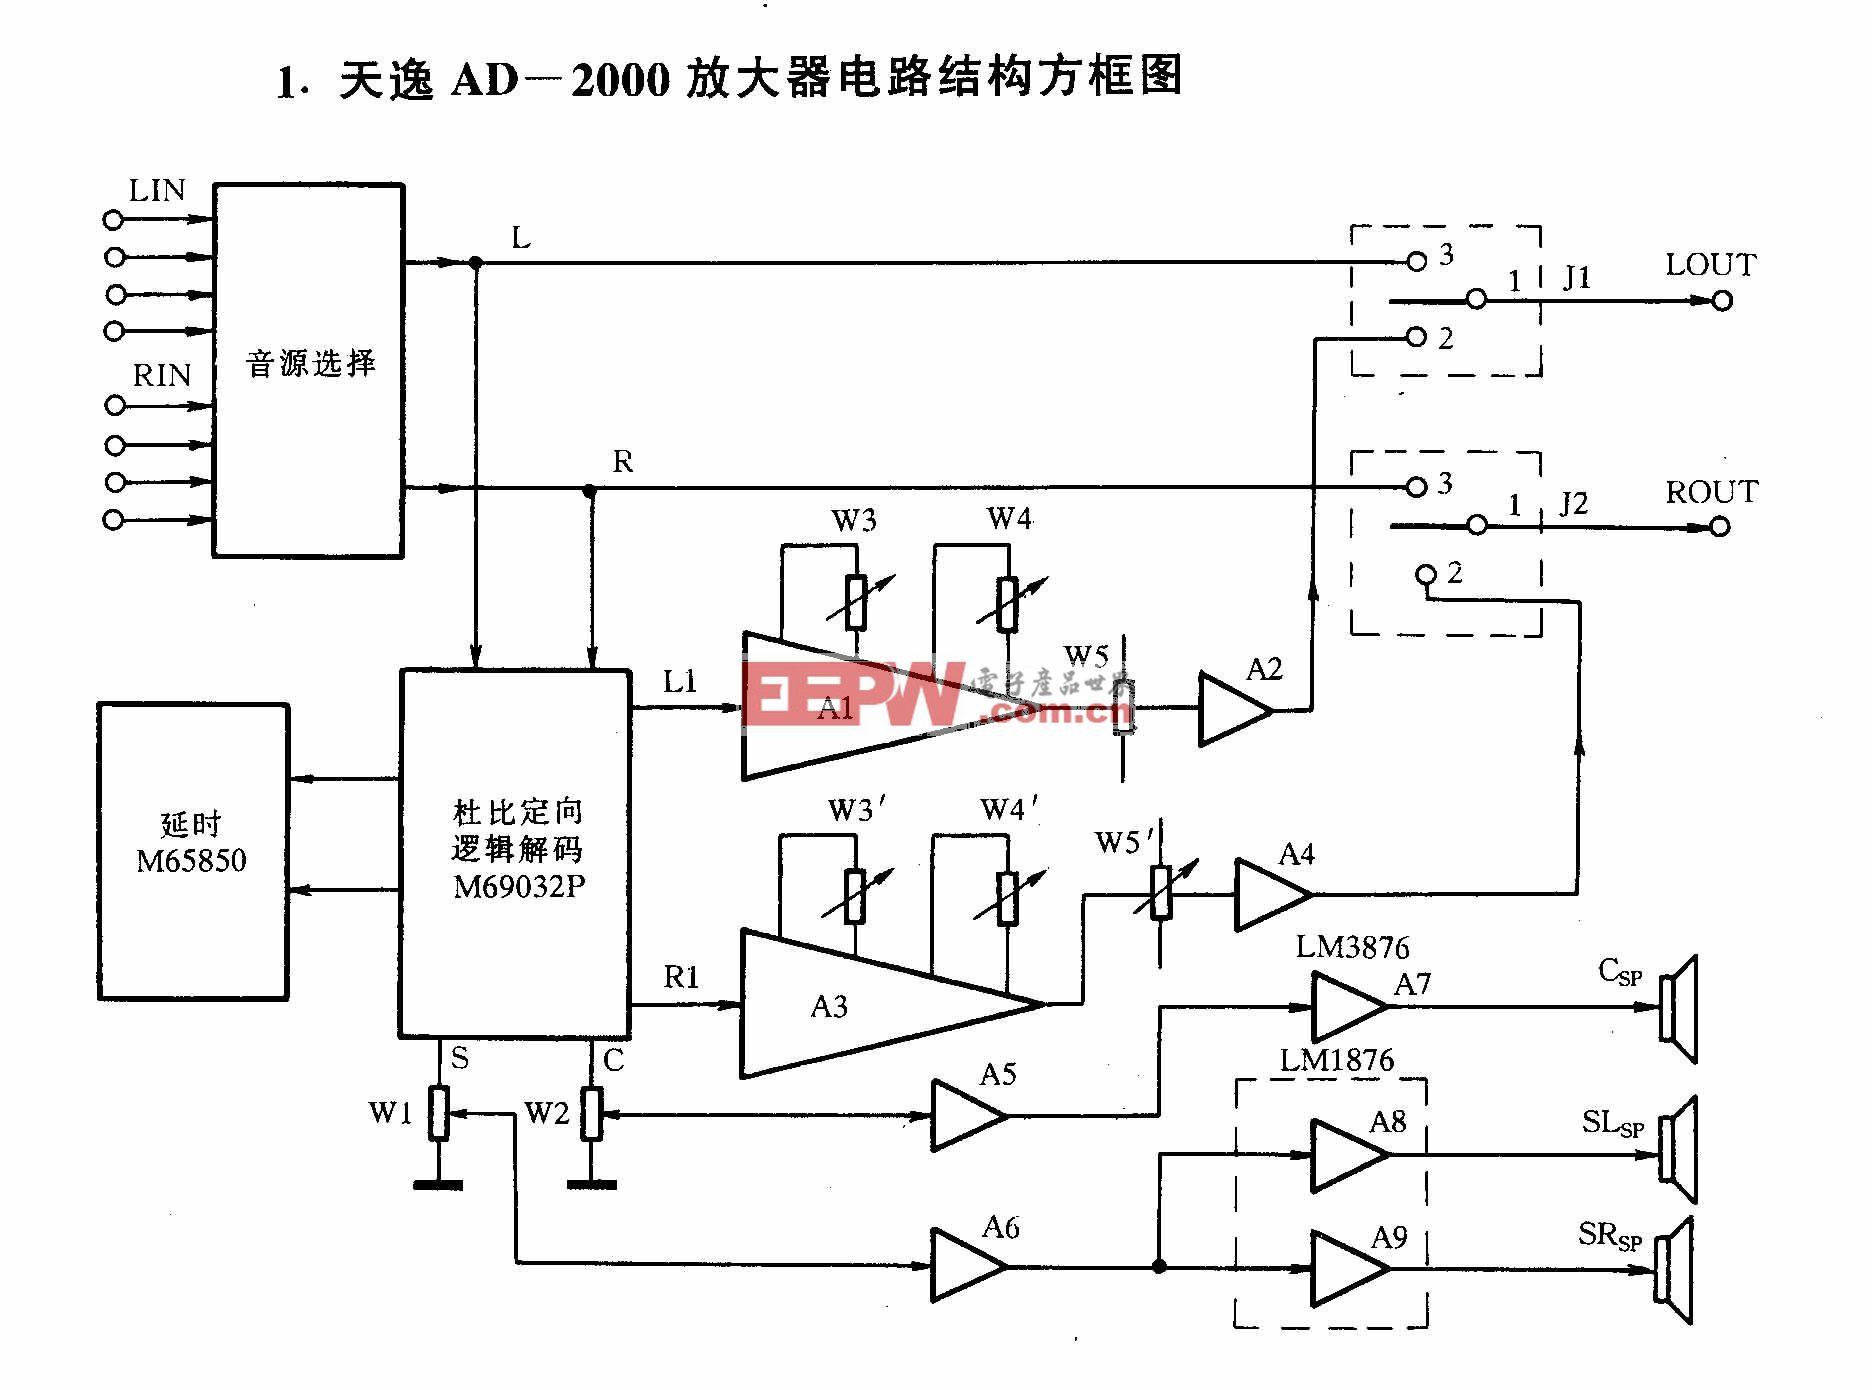 天逸AD-2000放大器电路结构方框图